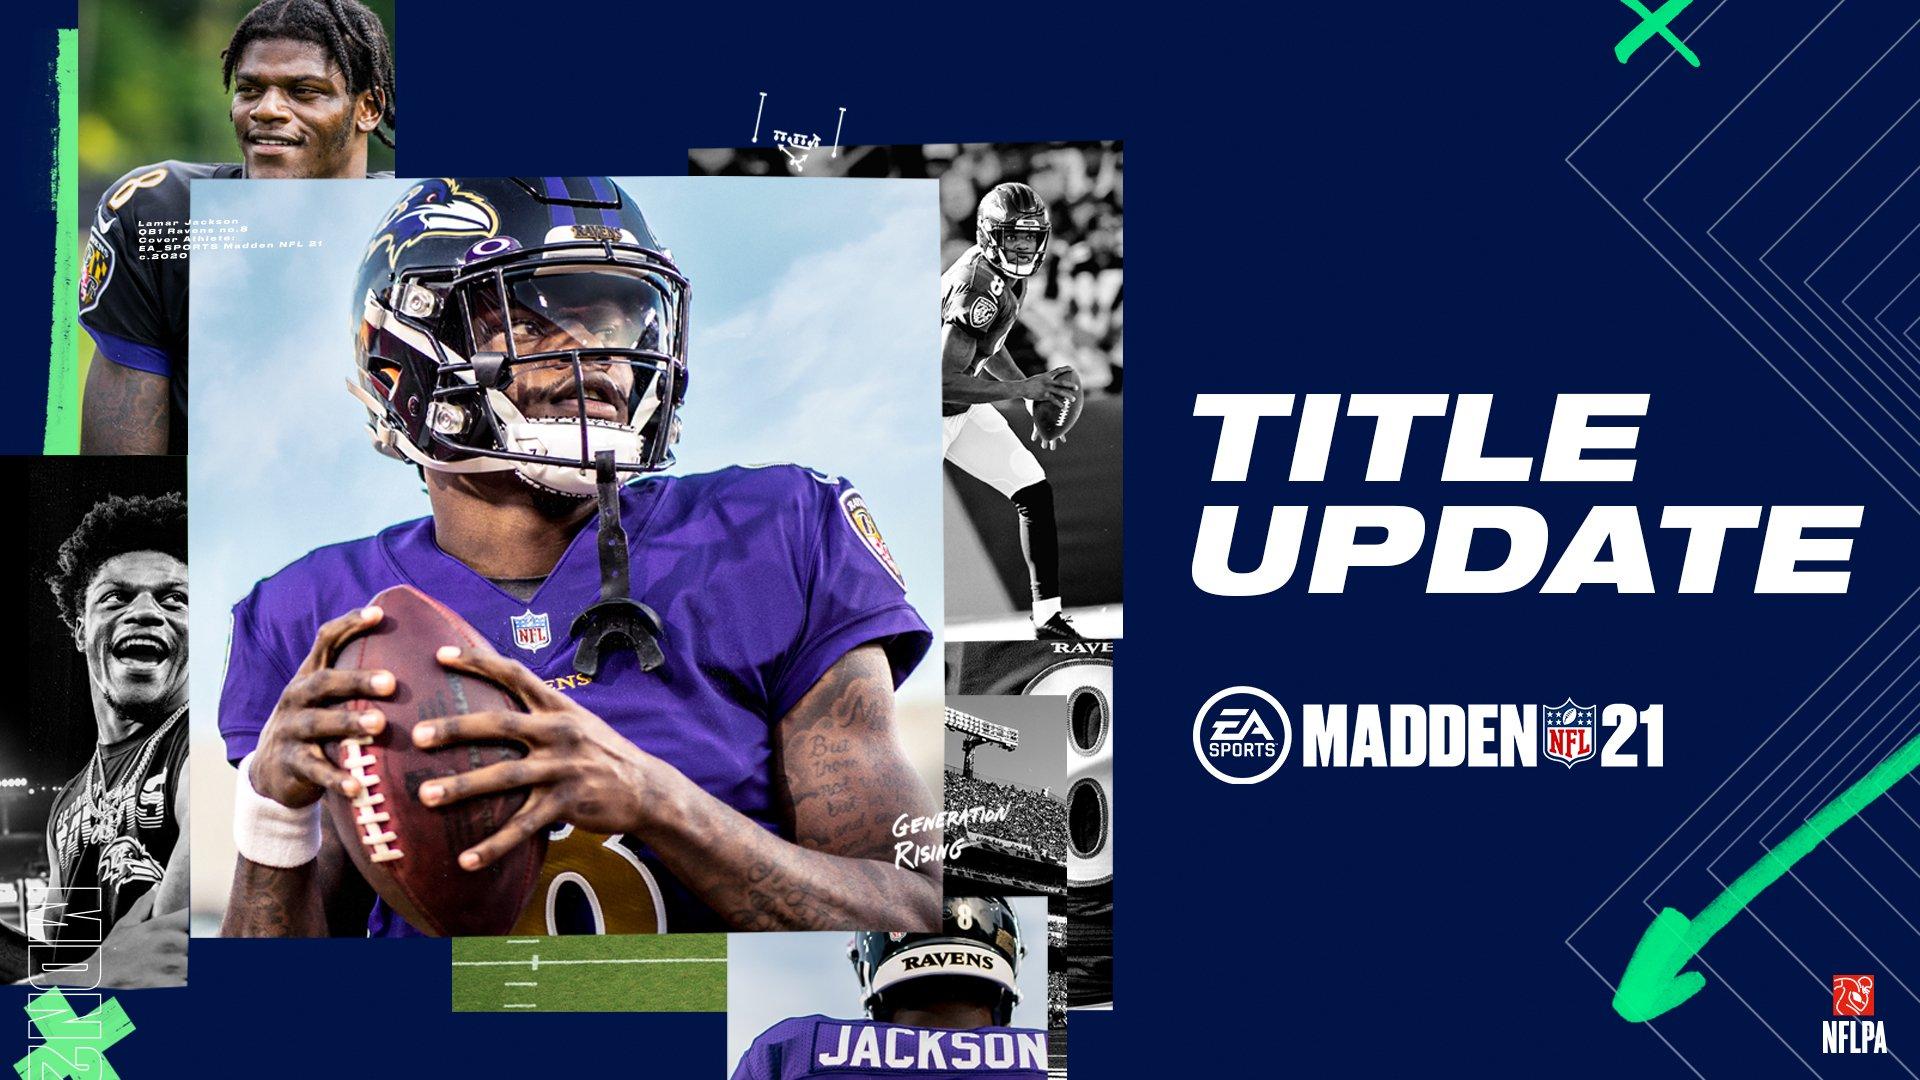 Madden 21 update